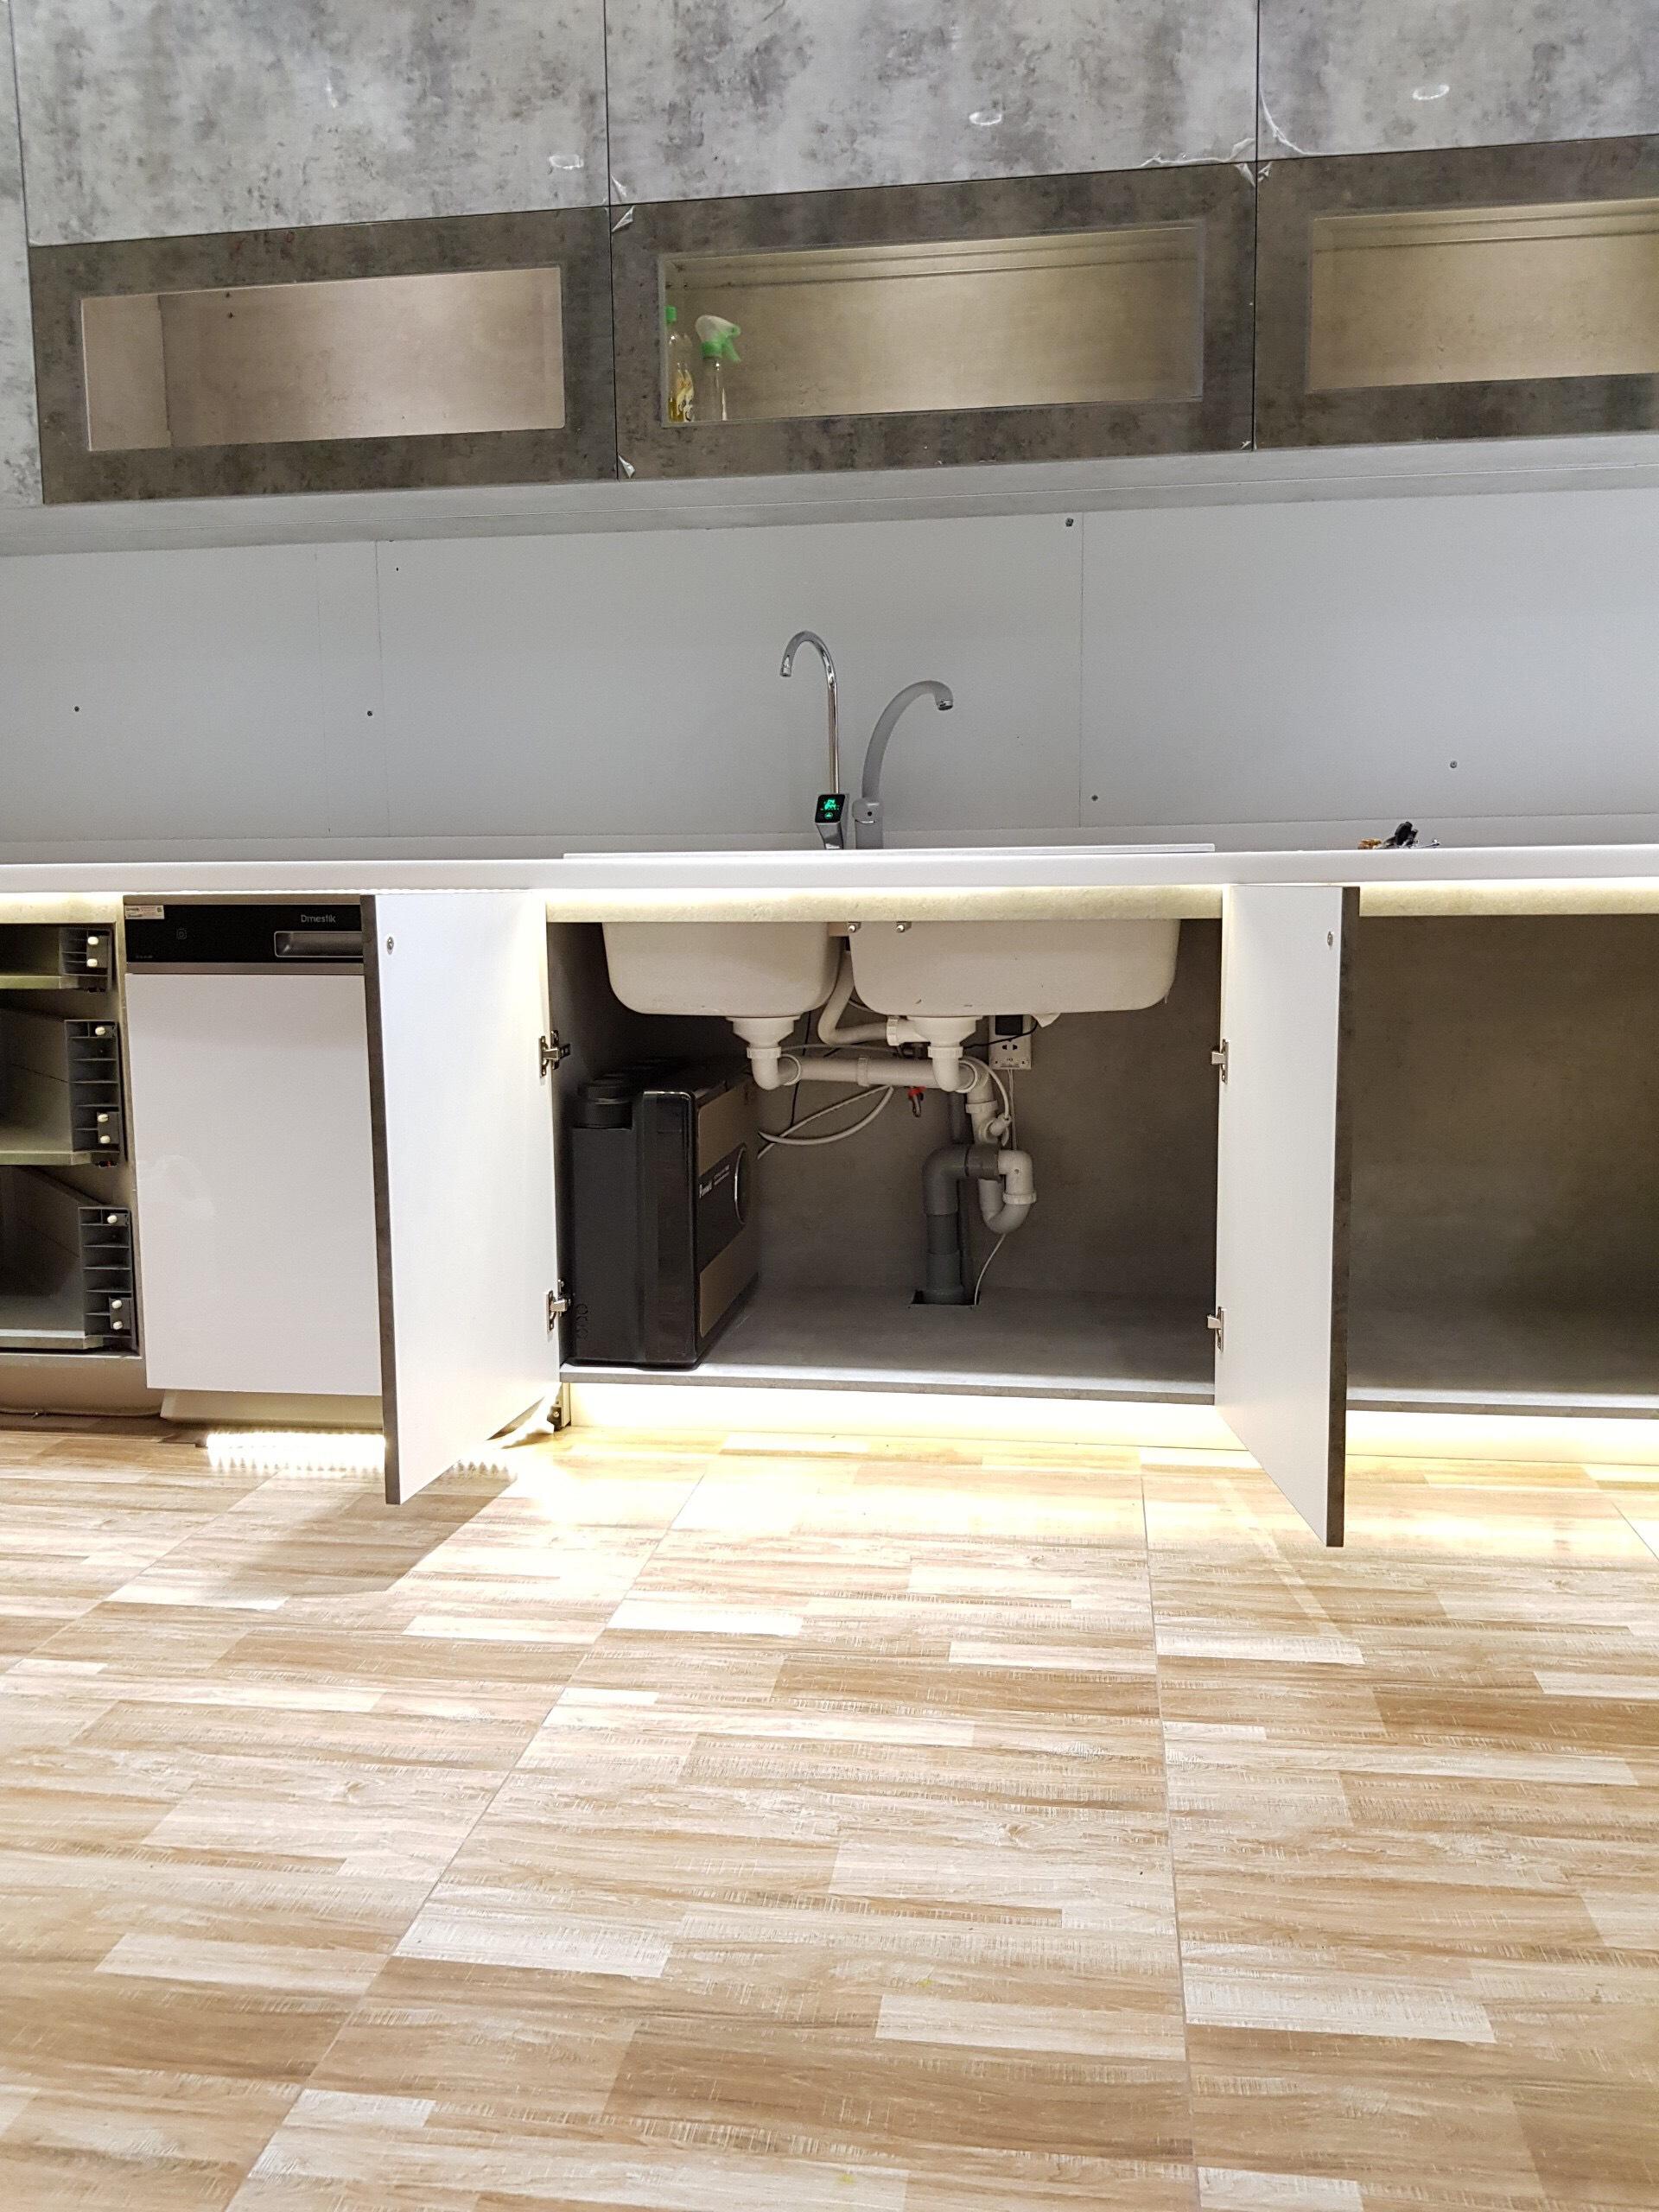 Máy lọc nước RO lắp đặt tại nhà đề gầm thích hợp vòi điện tử cảm ứng màn hình thông minh hiện thị trạng thái lõi lọc model A6 - Hàng nhập khẩu